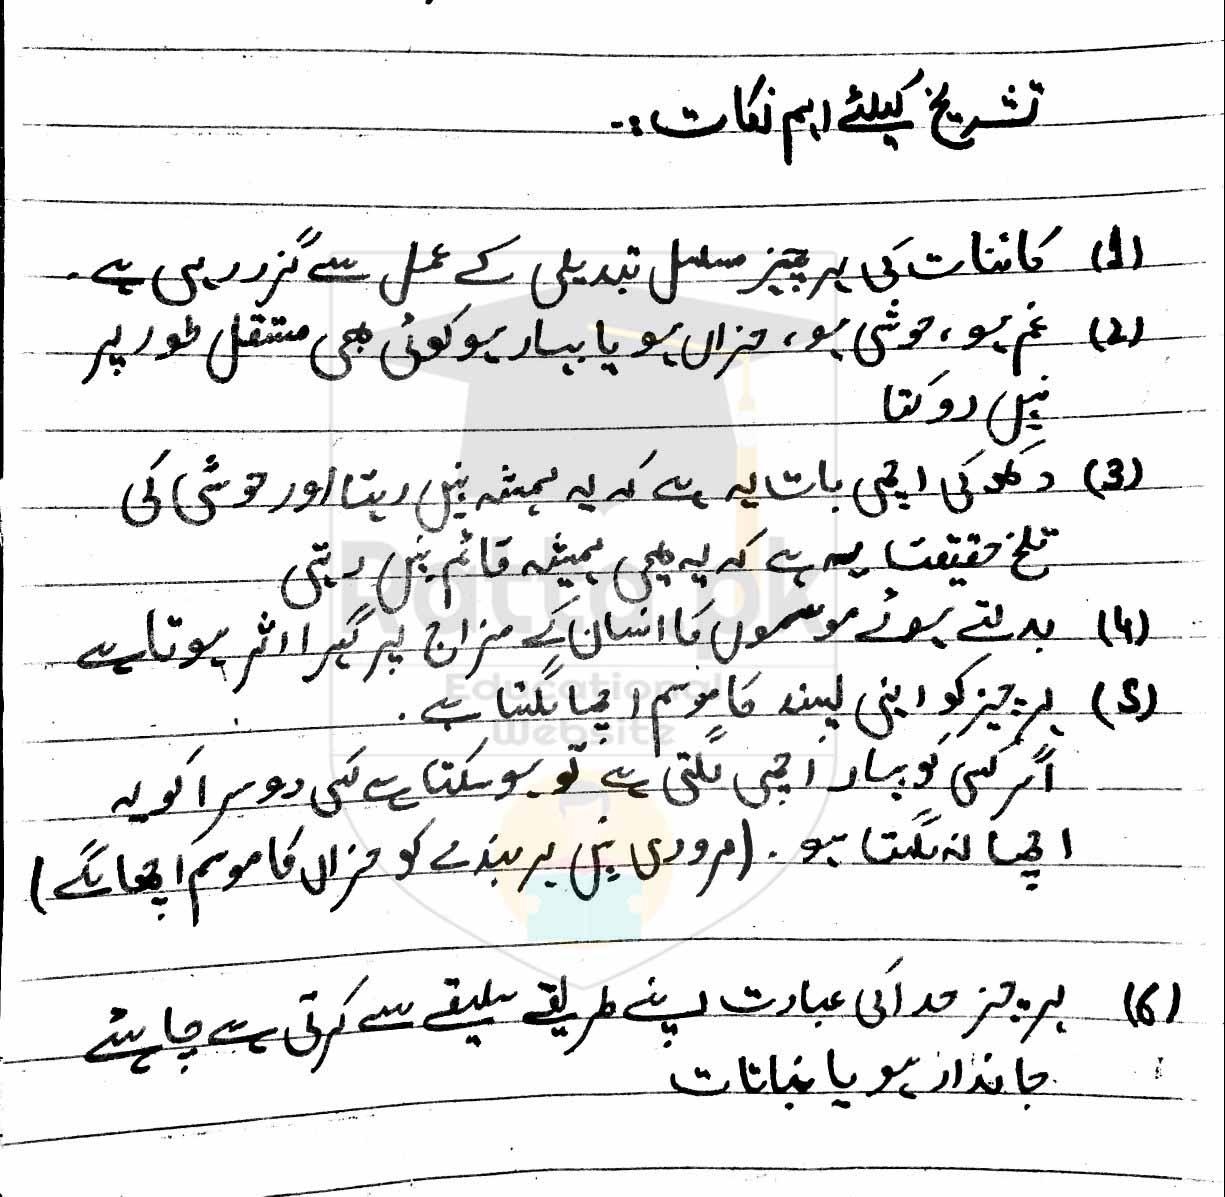 paragraph aur Sher ki Tashreeh k lie Aham nikaat